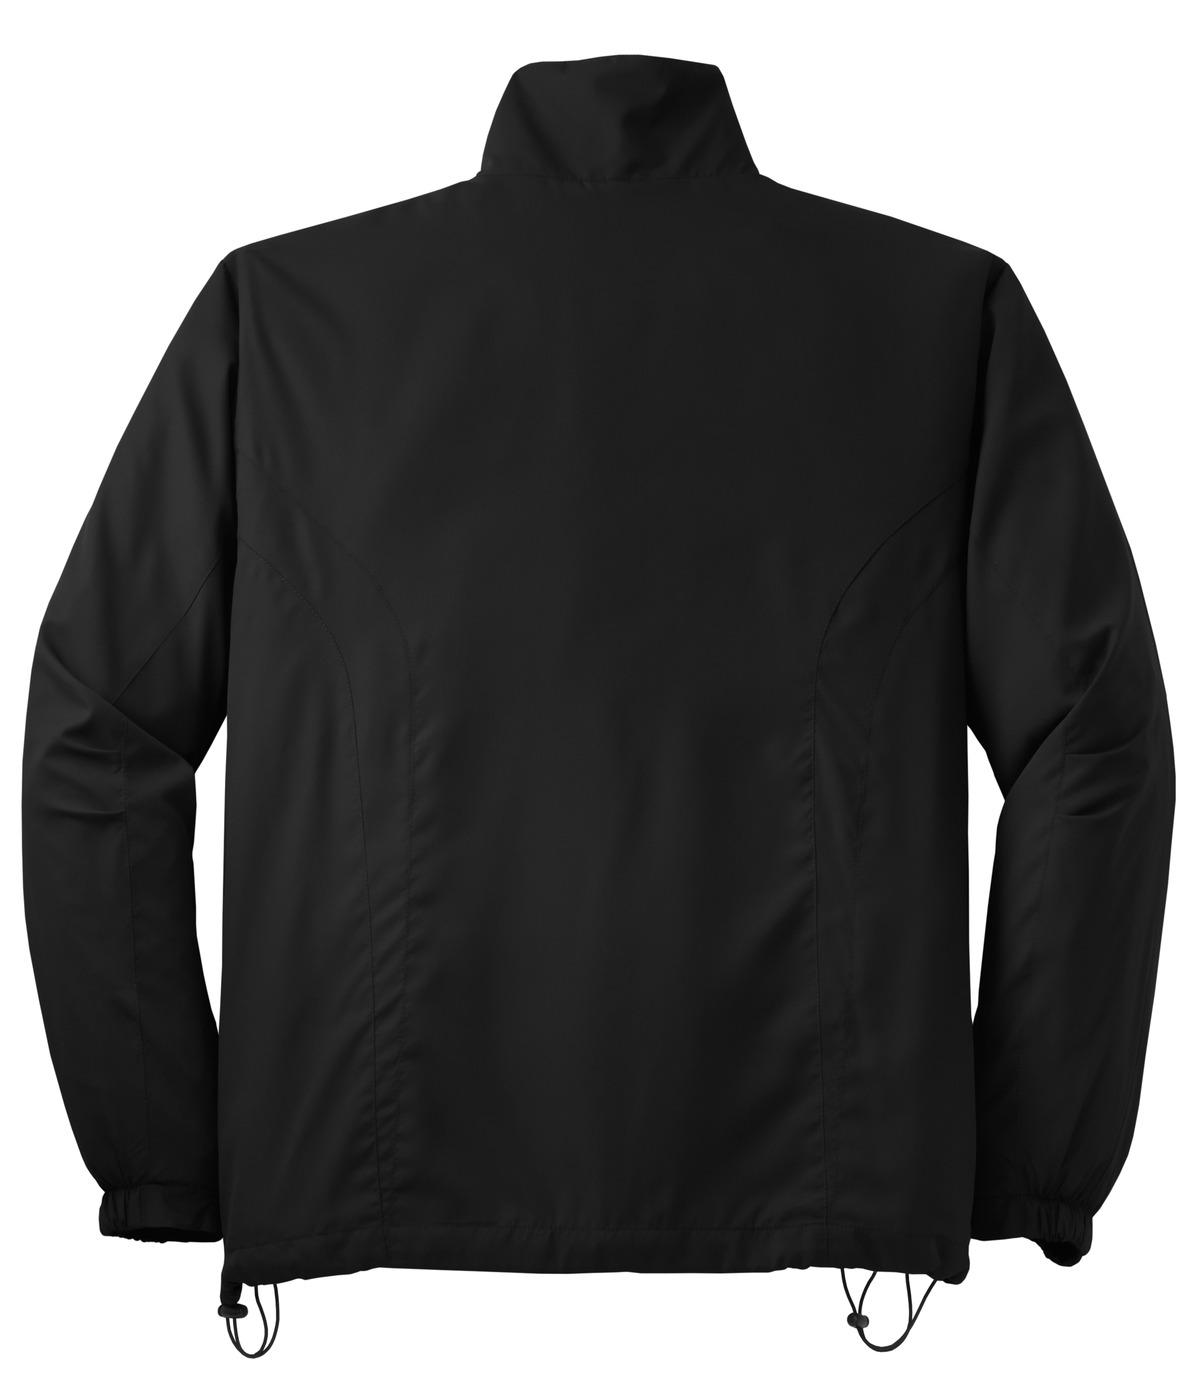 Full-Zip Wind Jacket-M Forest Green Sport-Tek